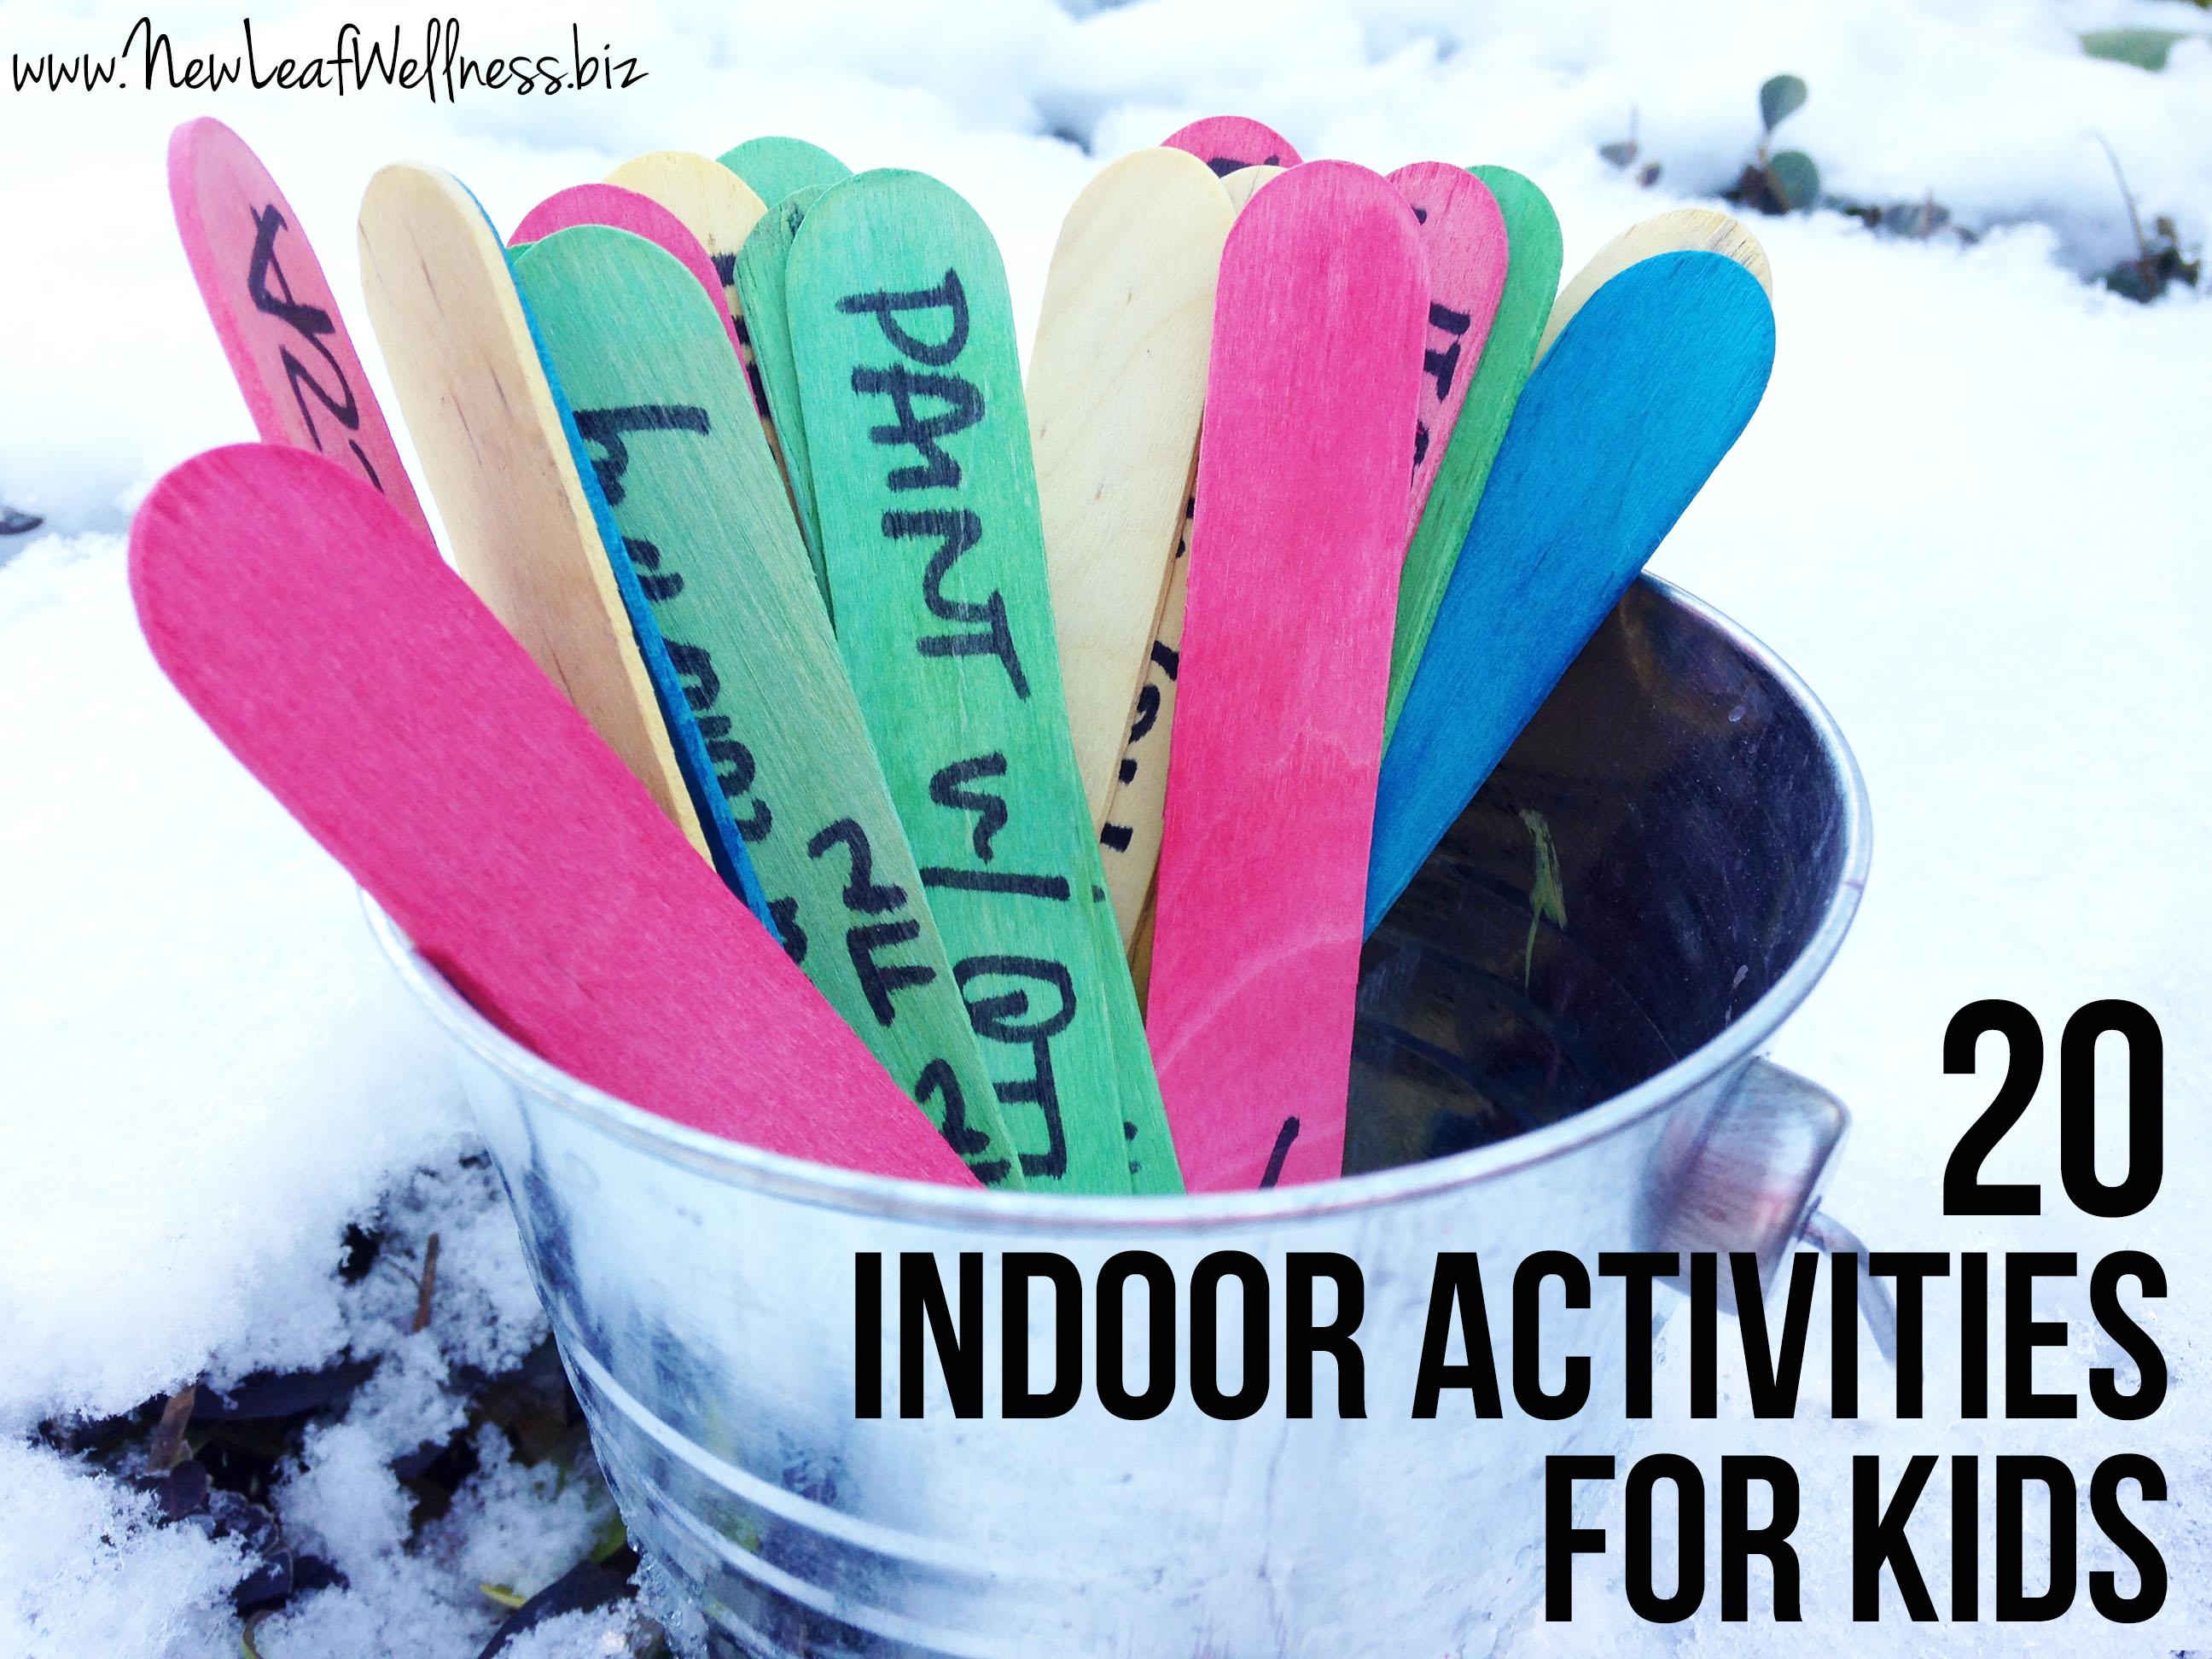 Twenty indoor activities for kids new leaf wellness for Indoor crafts for kids